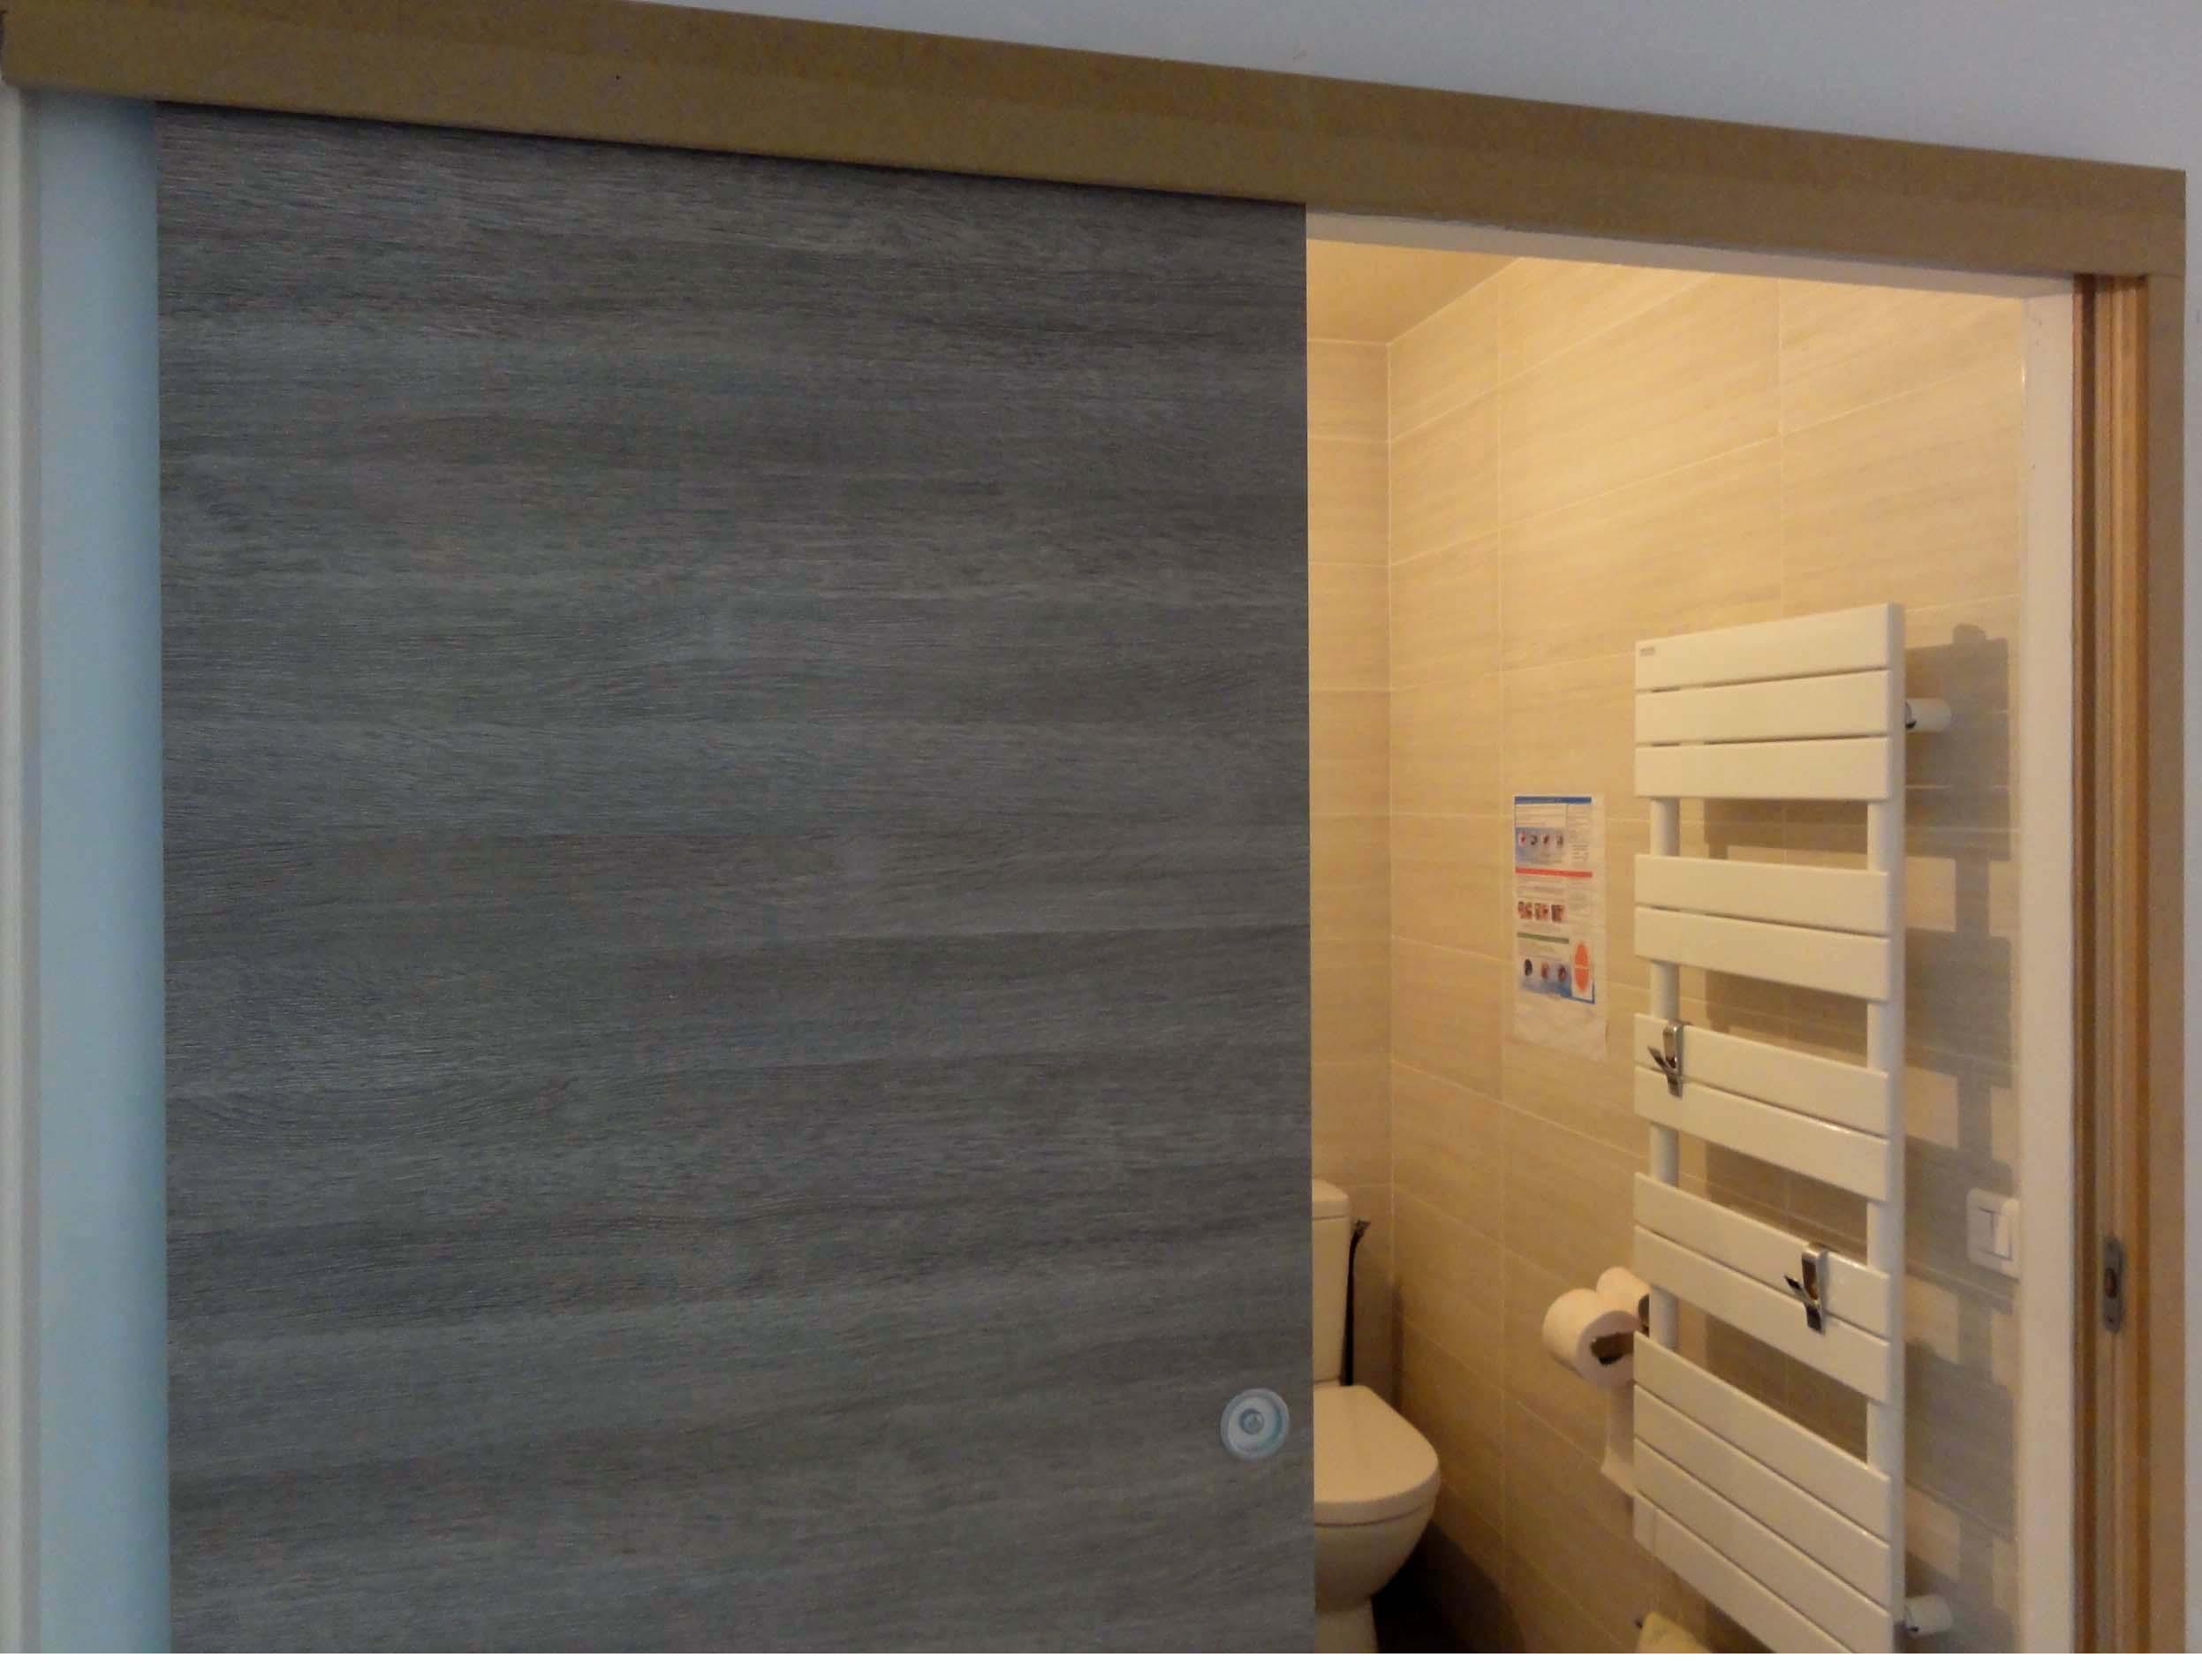 La porte coulissante en applique de 0,83 mètre de large optimise l'accès à la salle de bain